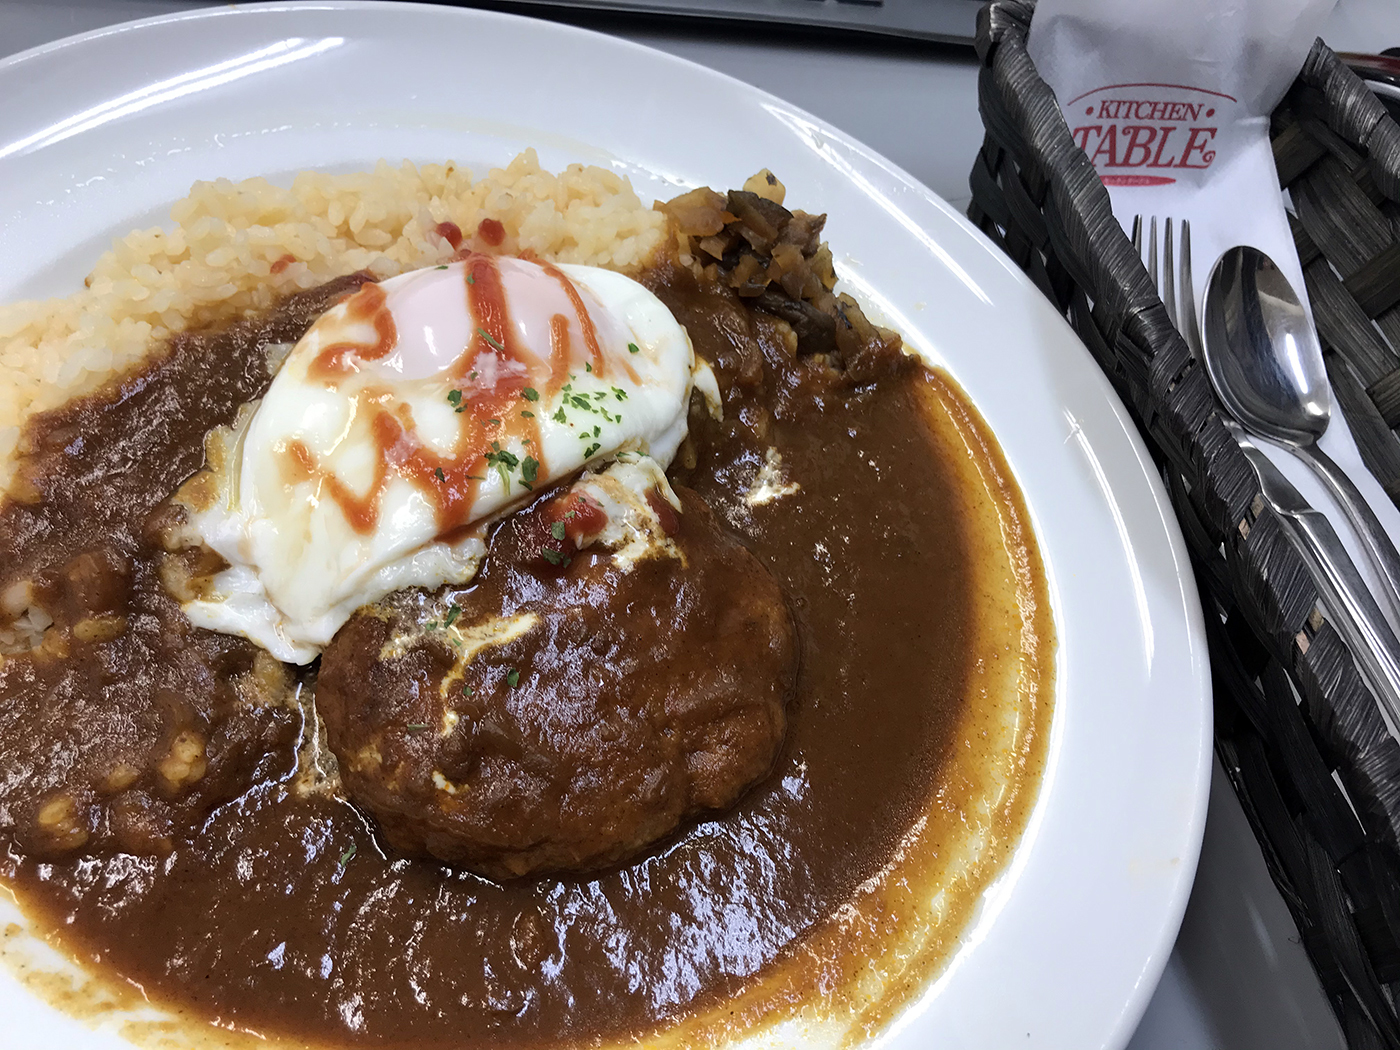 夕食20191210 キッチン・ターブル ハンバーグカレー 出前